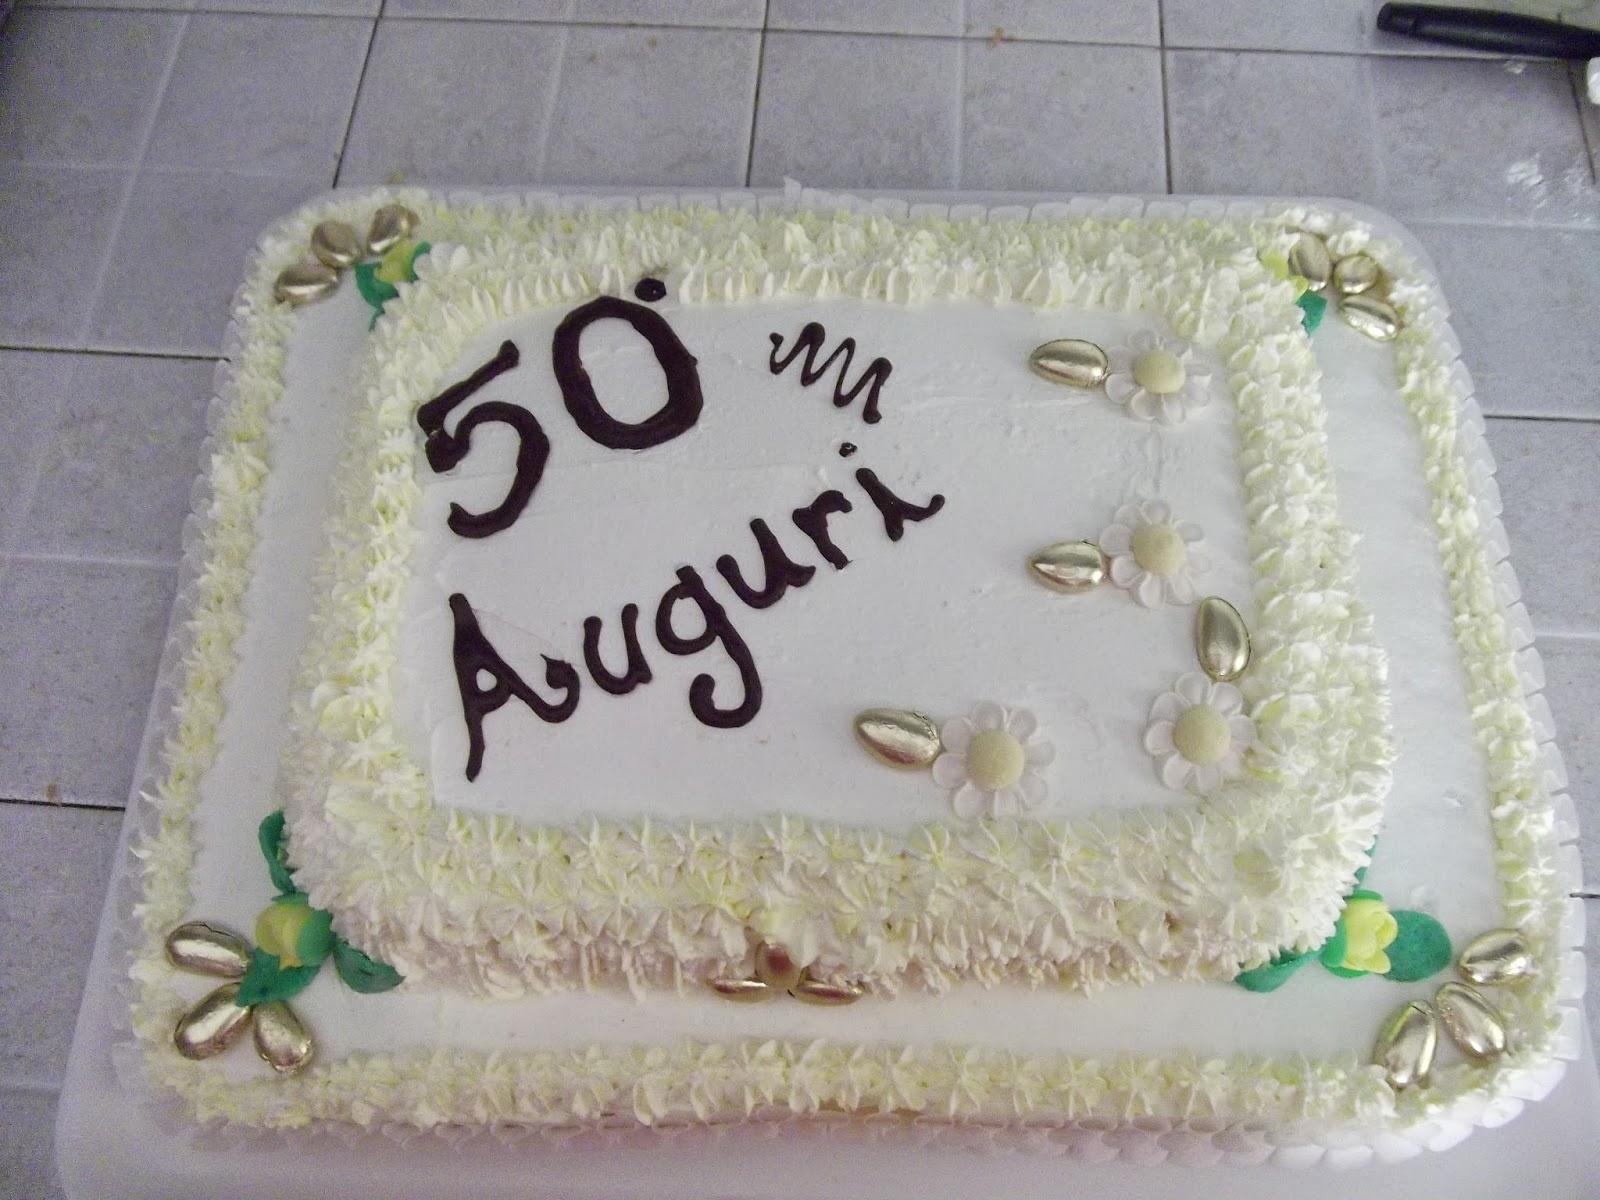 La cucina di mari torta 50 anniversario di professione for Decorazione torte per 50 anni di matrimonio